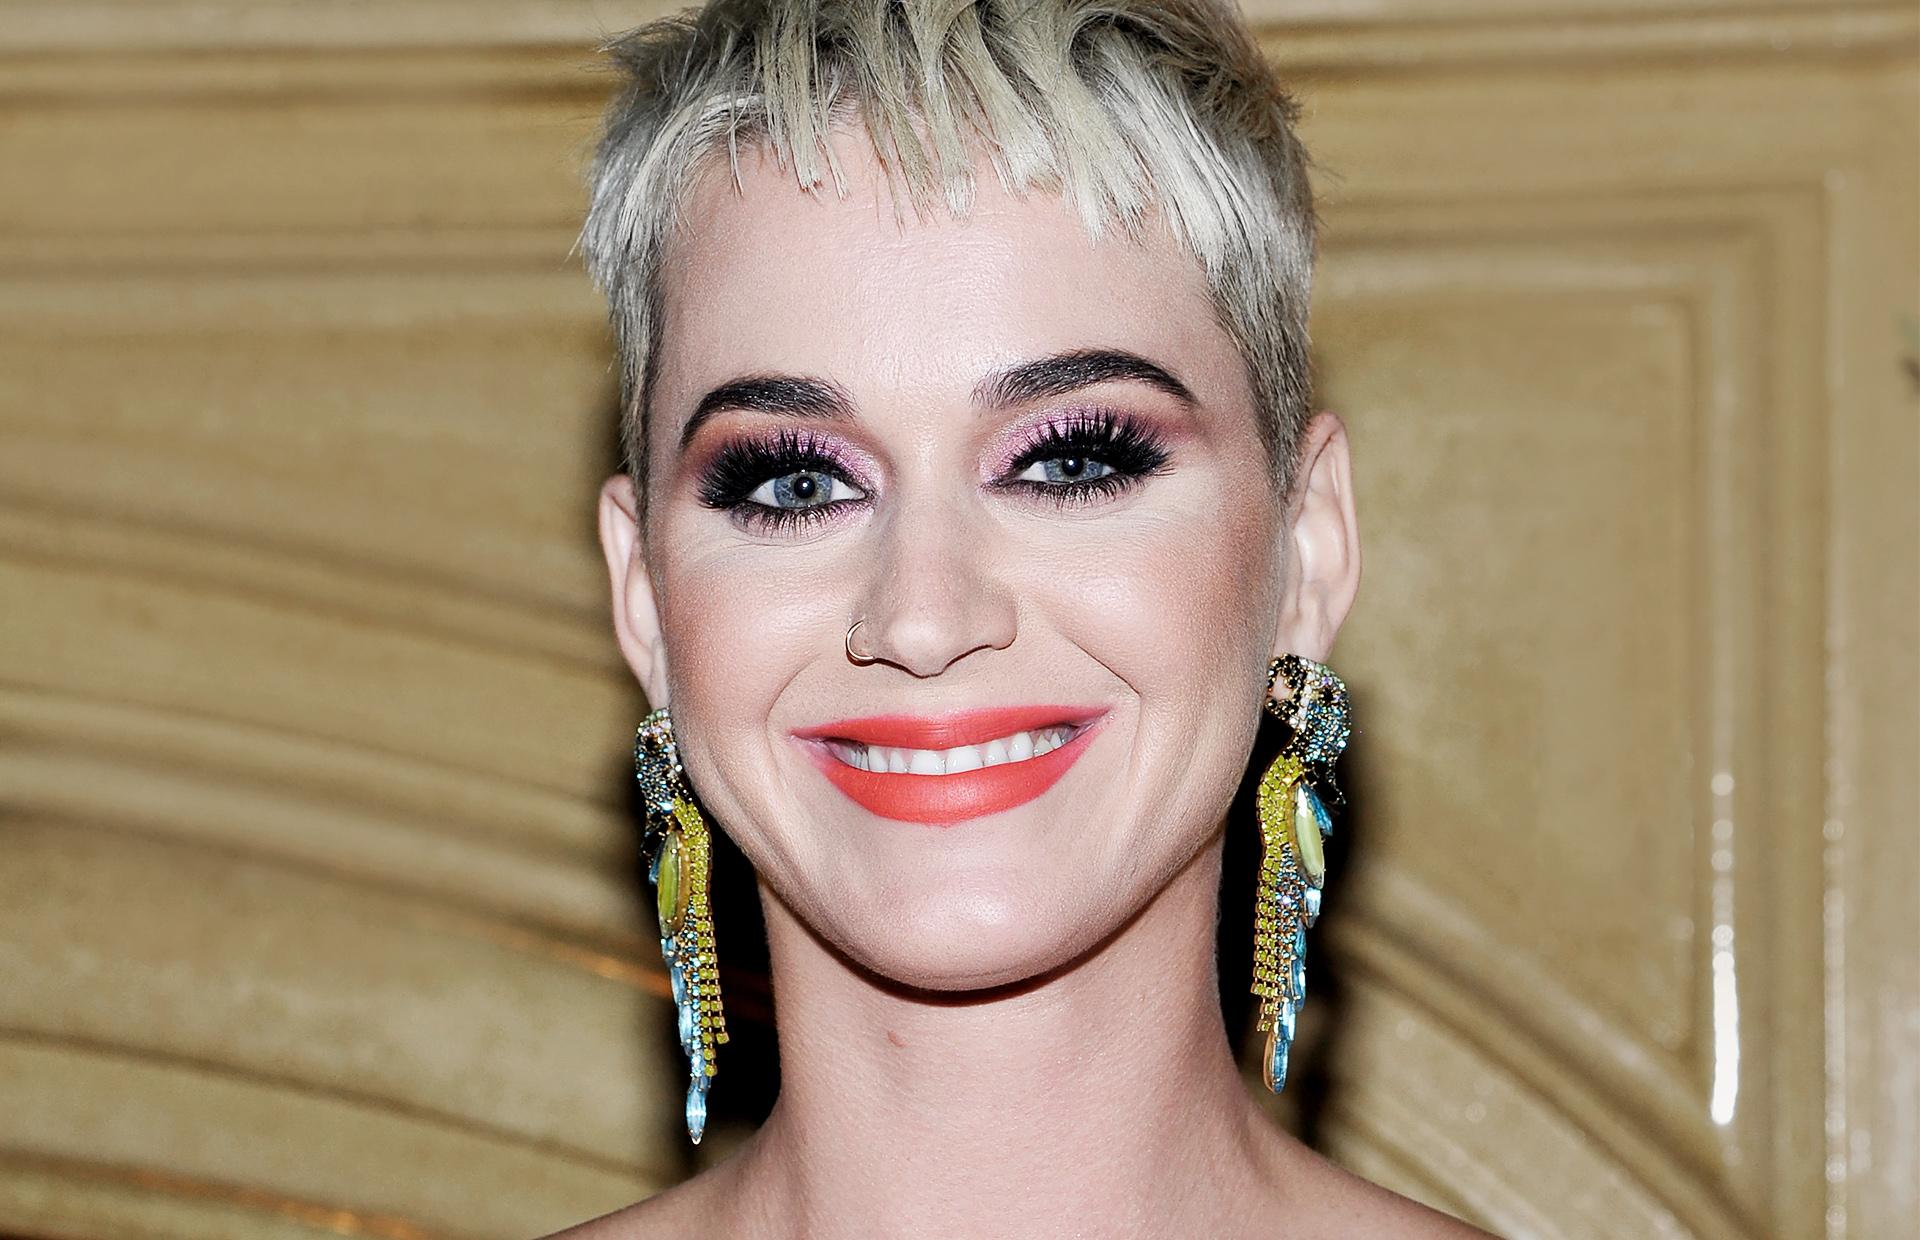 Смотреть Ошибки макияжа и поиски красоты видео